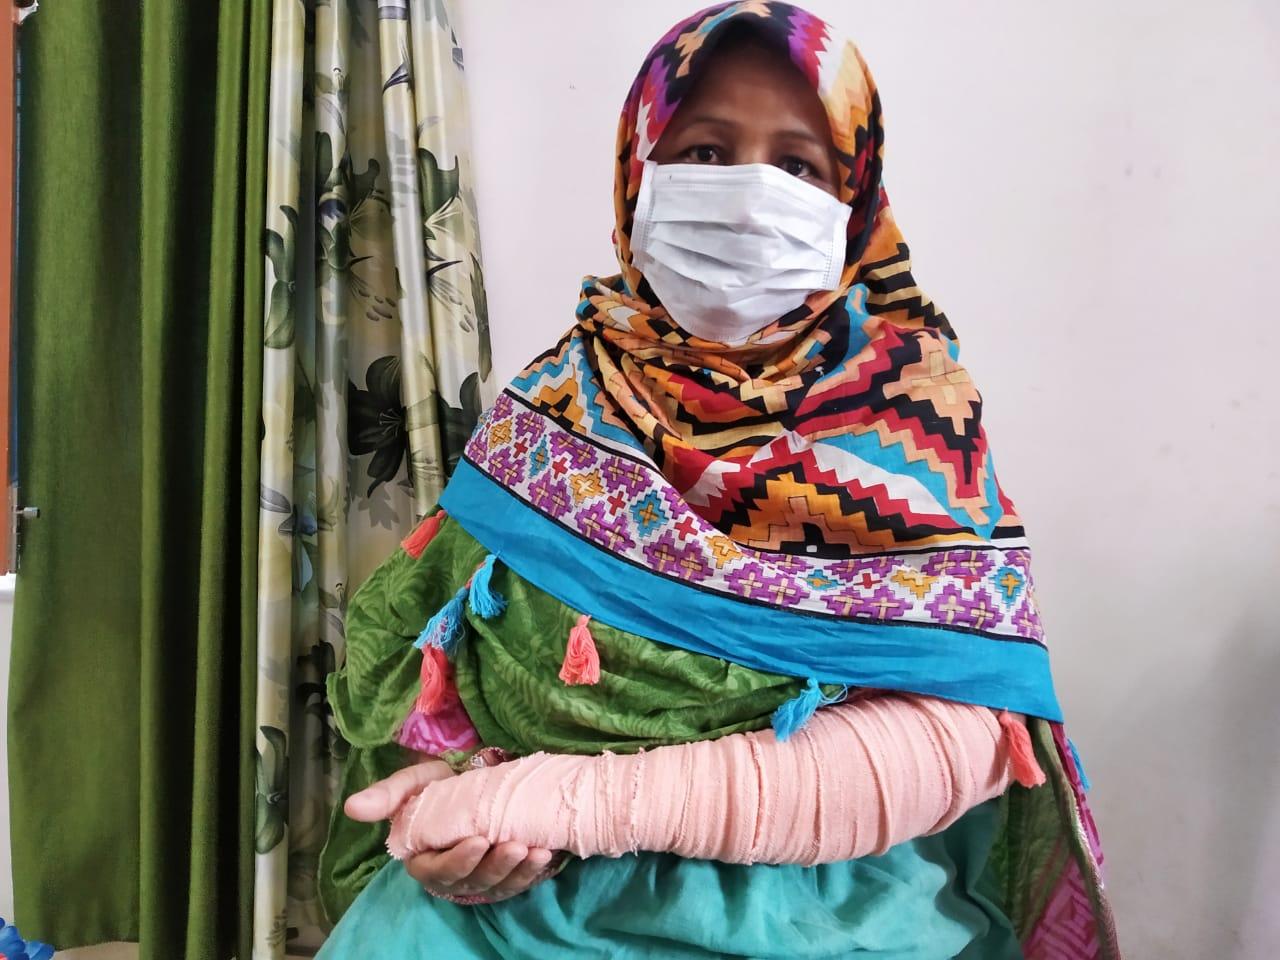 महिला की हिम्मत देख बदमाश बाइक छोड़ कर पैदल ही फरार हो गए। महिला के हाथ में भी चोट आई। - Dainik Bhaskar